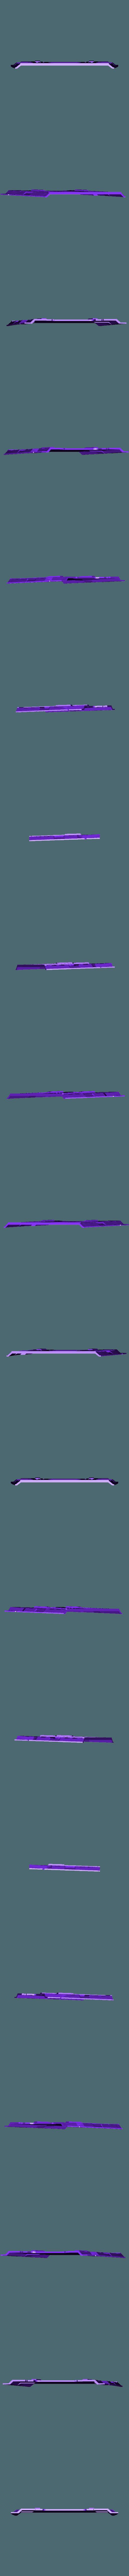 panneau_ar.stl Télécharger fichier STL gratuit rc truck 1/14 FH body • Objet à imprimer en 3D, r083726